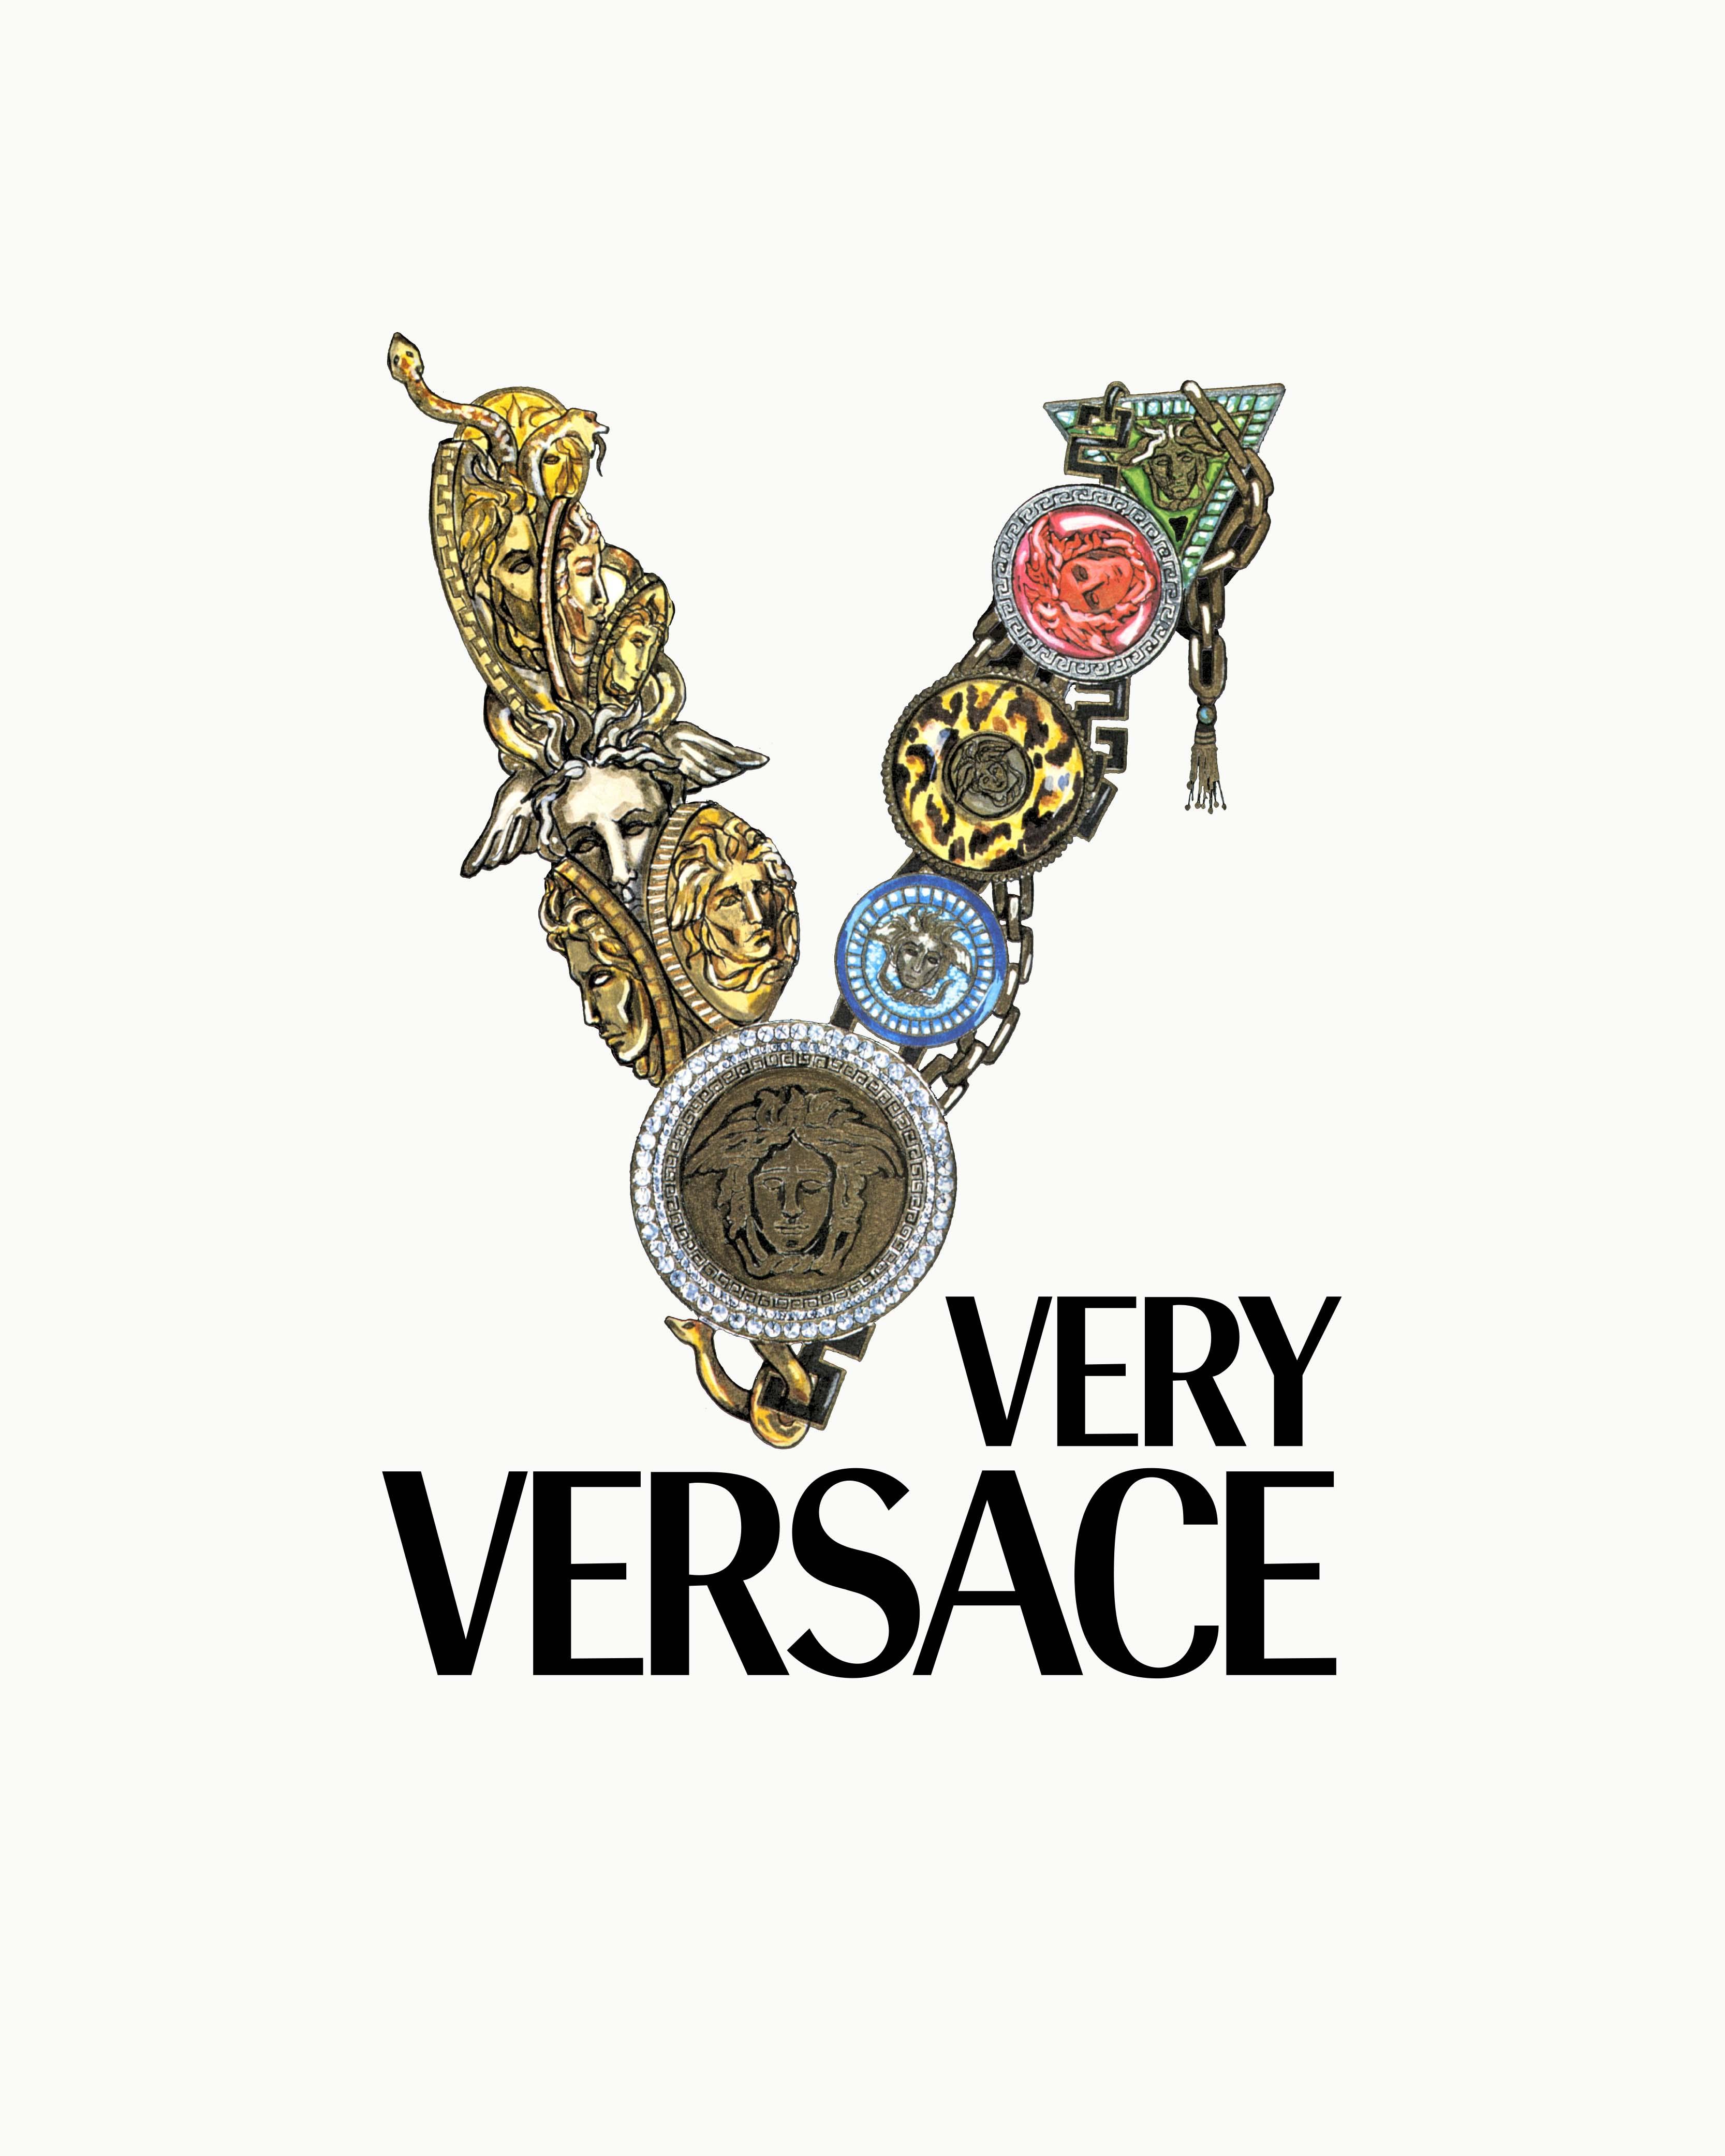 Very Versace Challenge